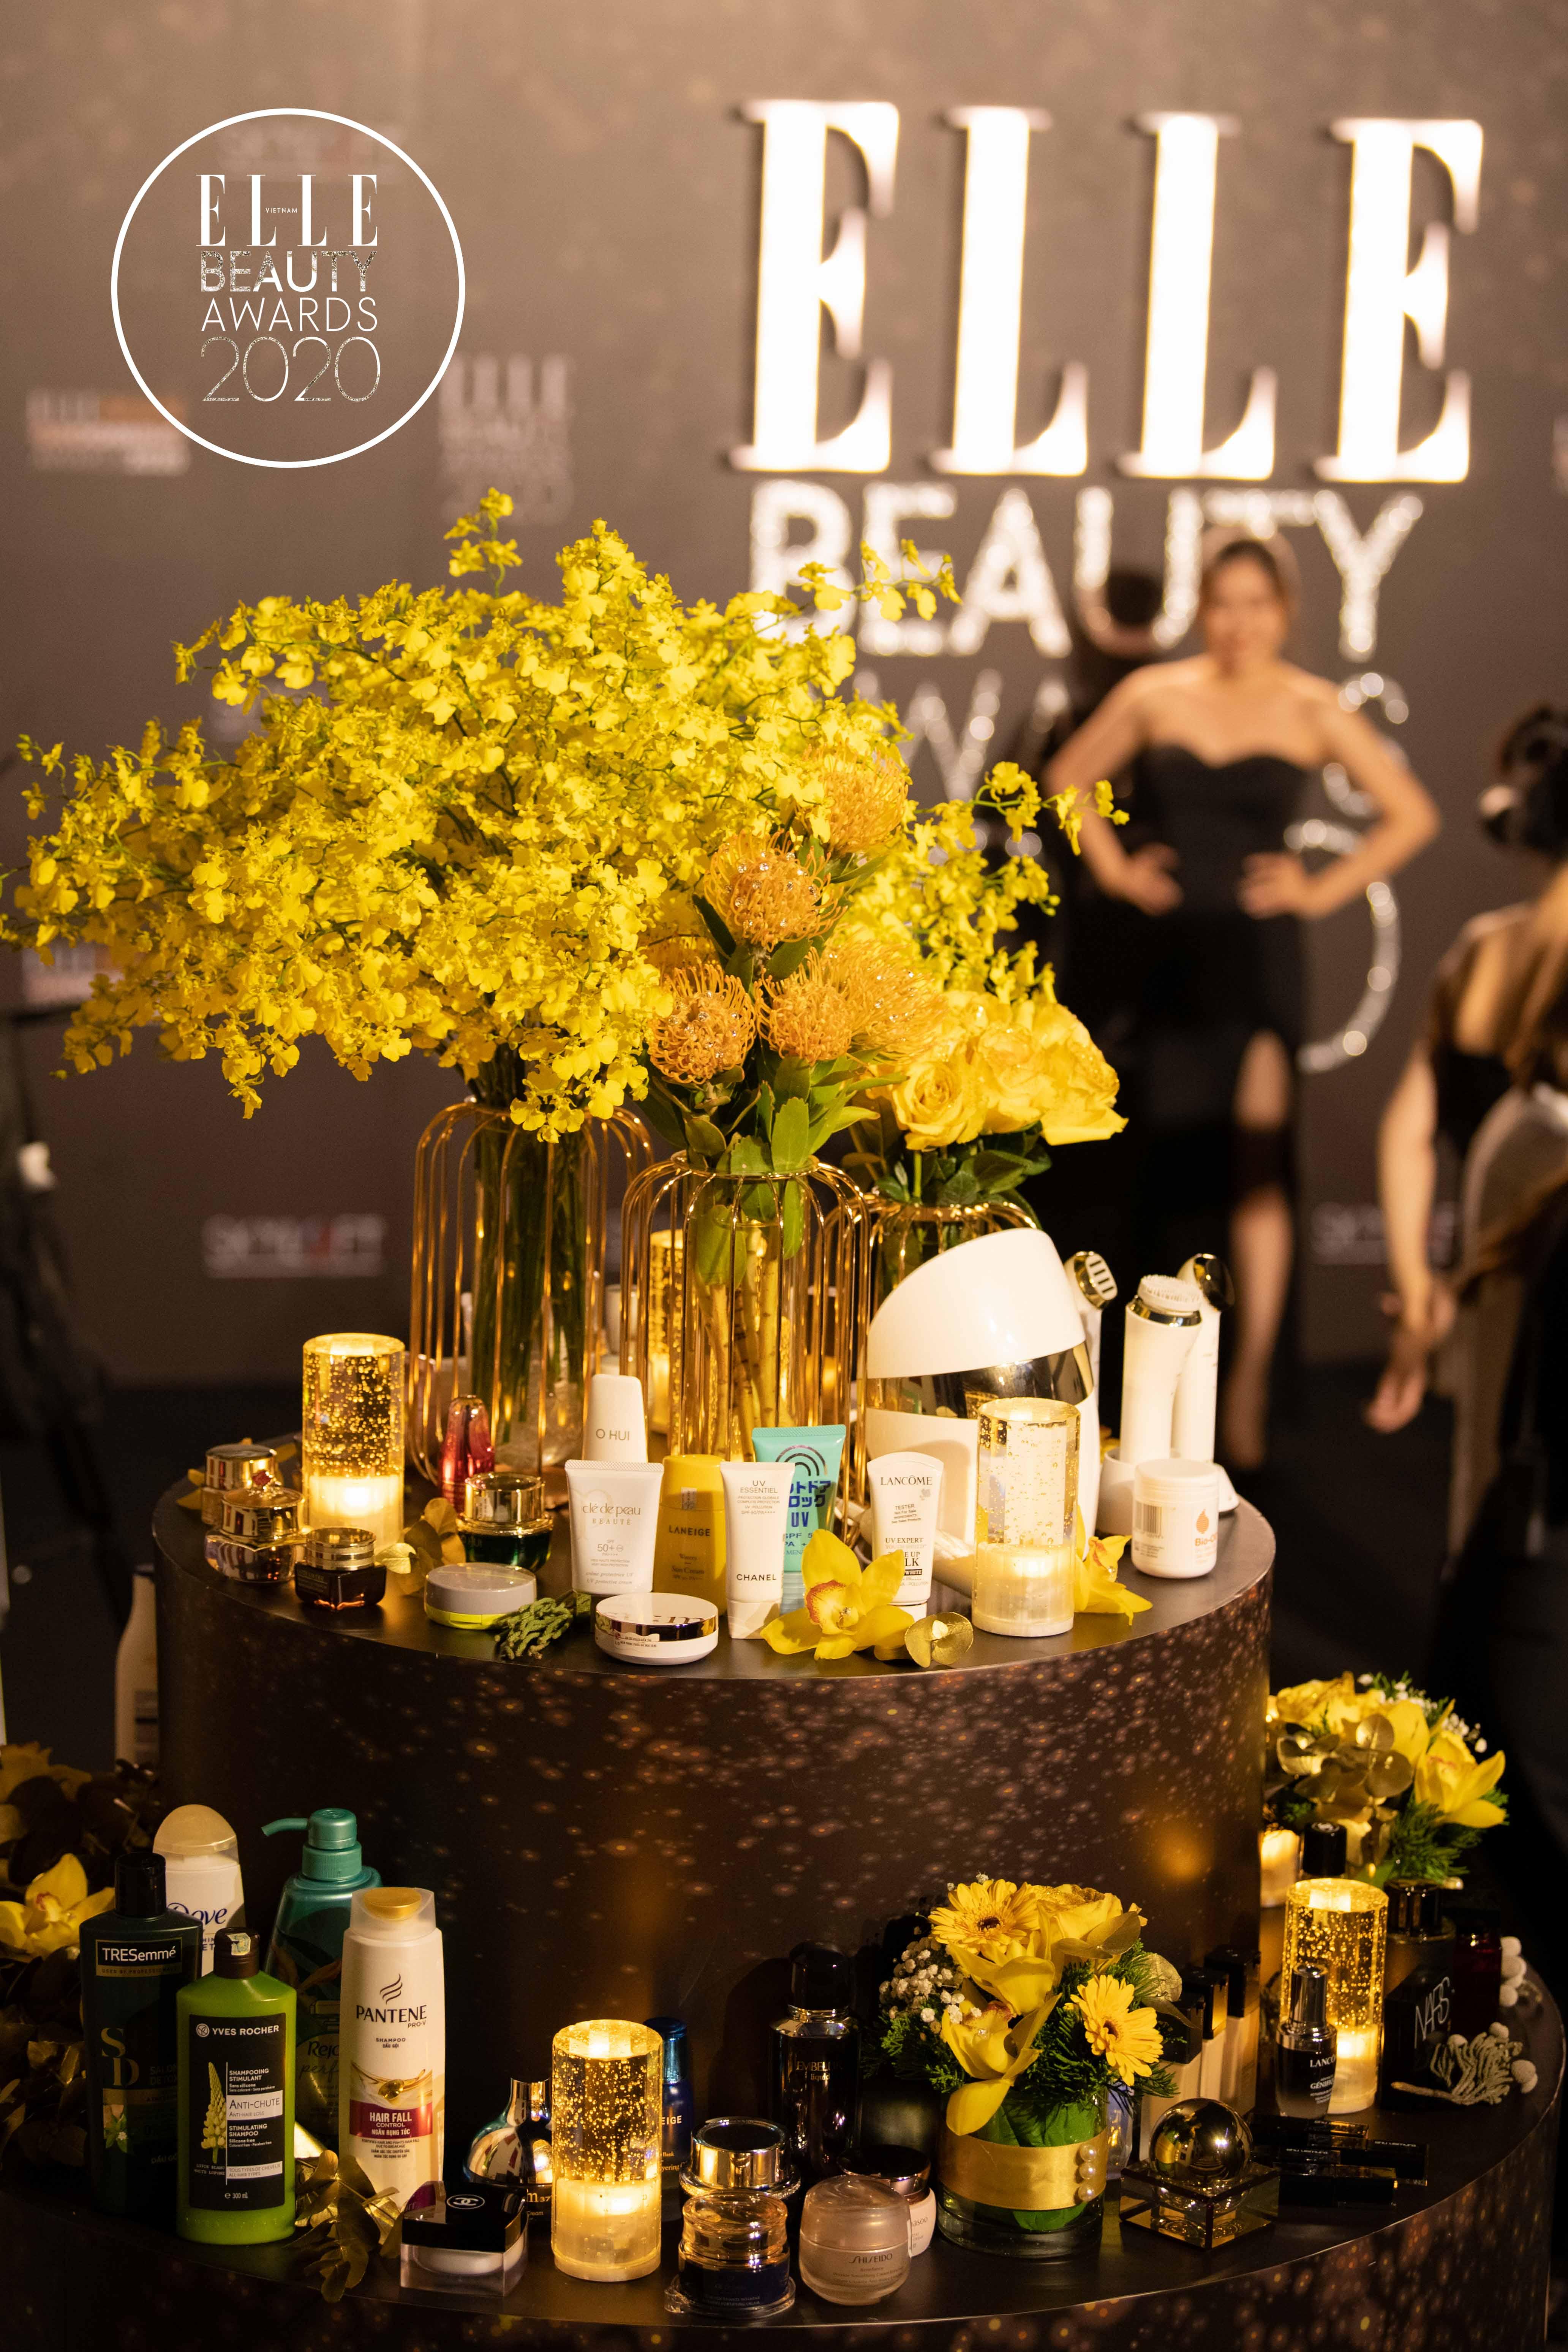 những sản phẩm trưng bày tại ELLE Beauty Awards 2020